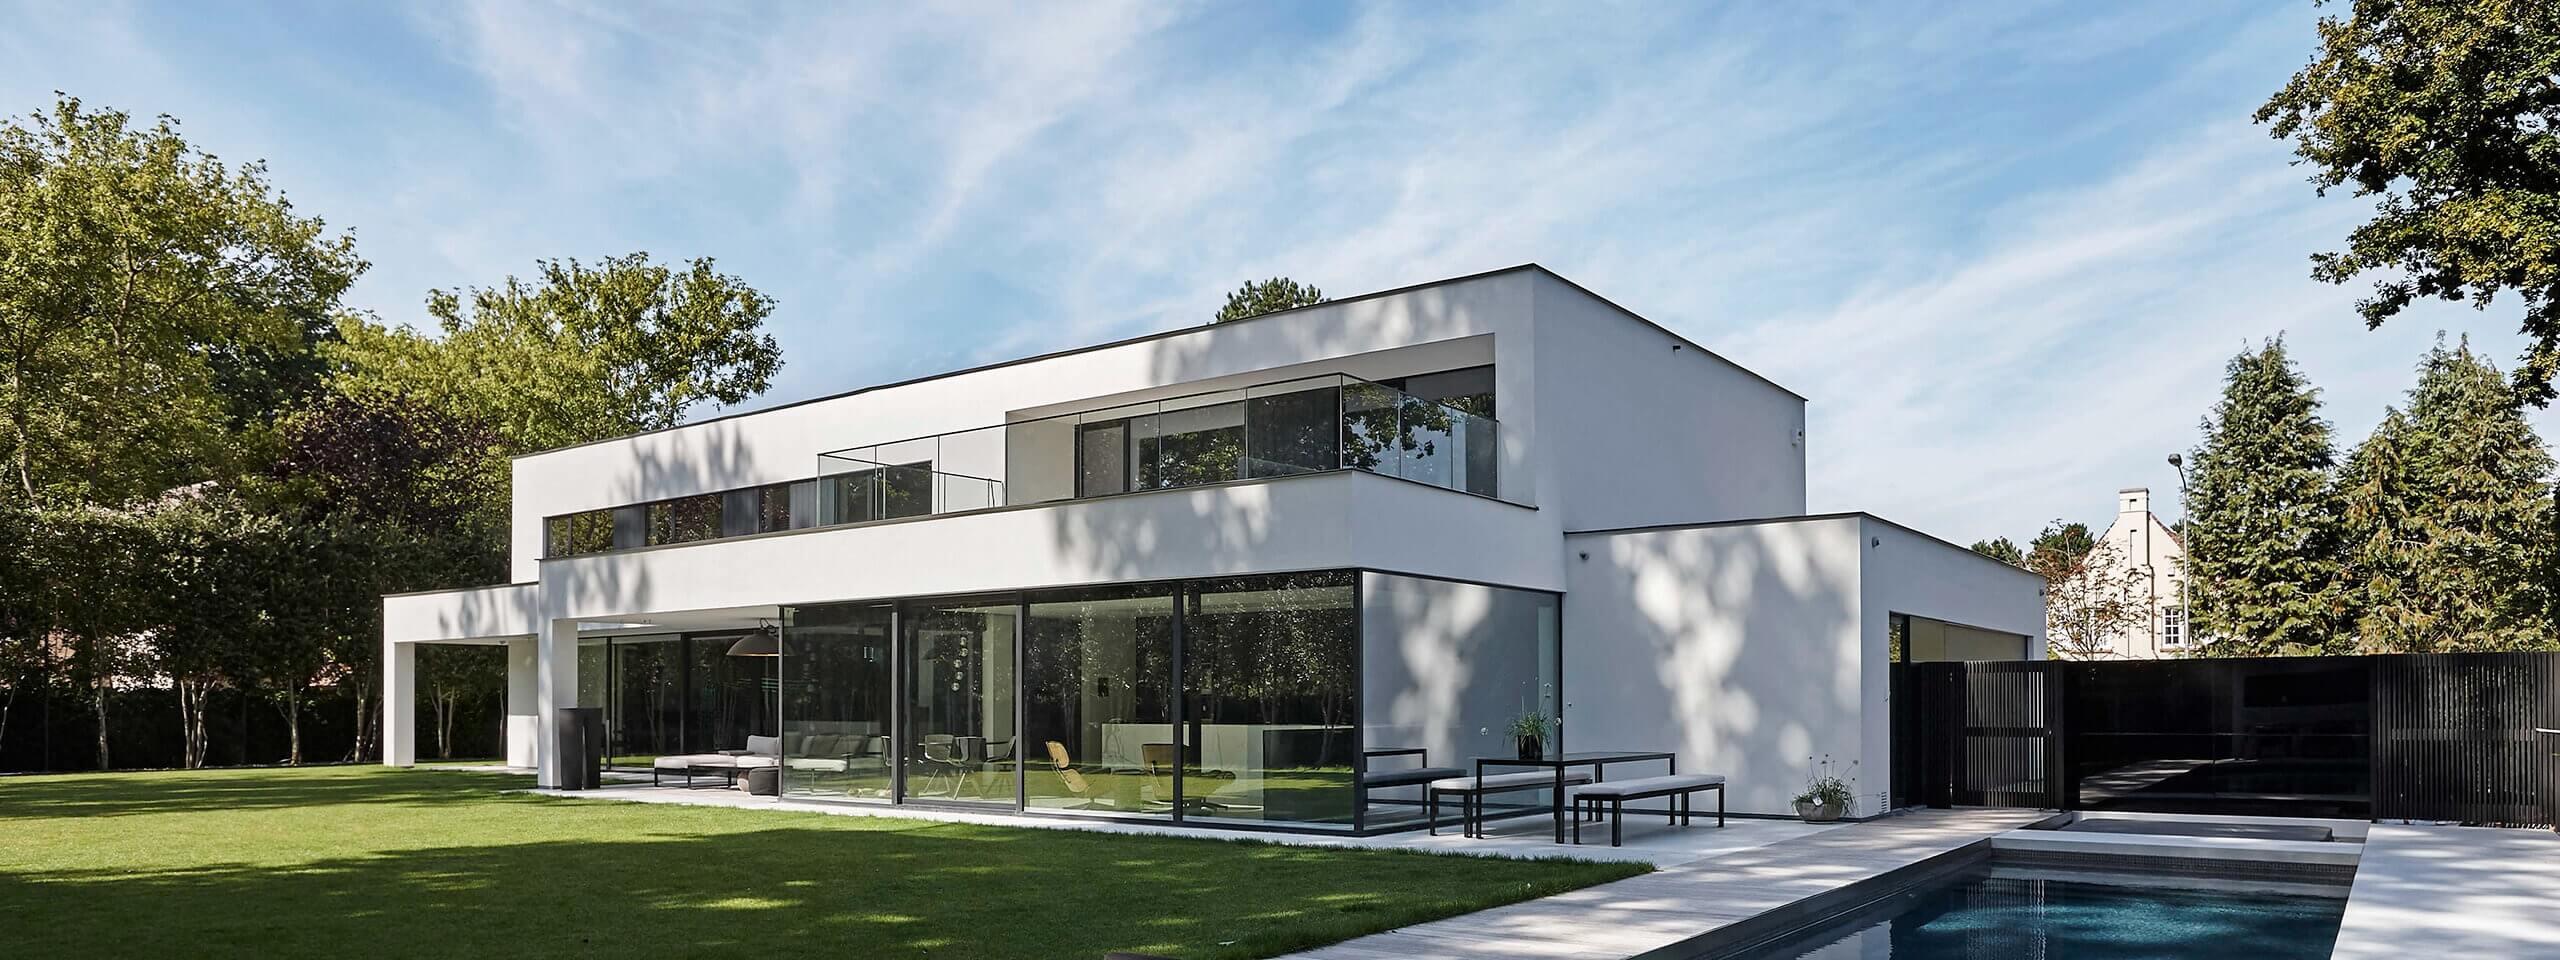 Villabouw bouwen op maat dumobil west vlaanderen oost for Moderne villabouw